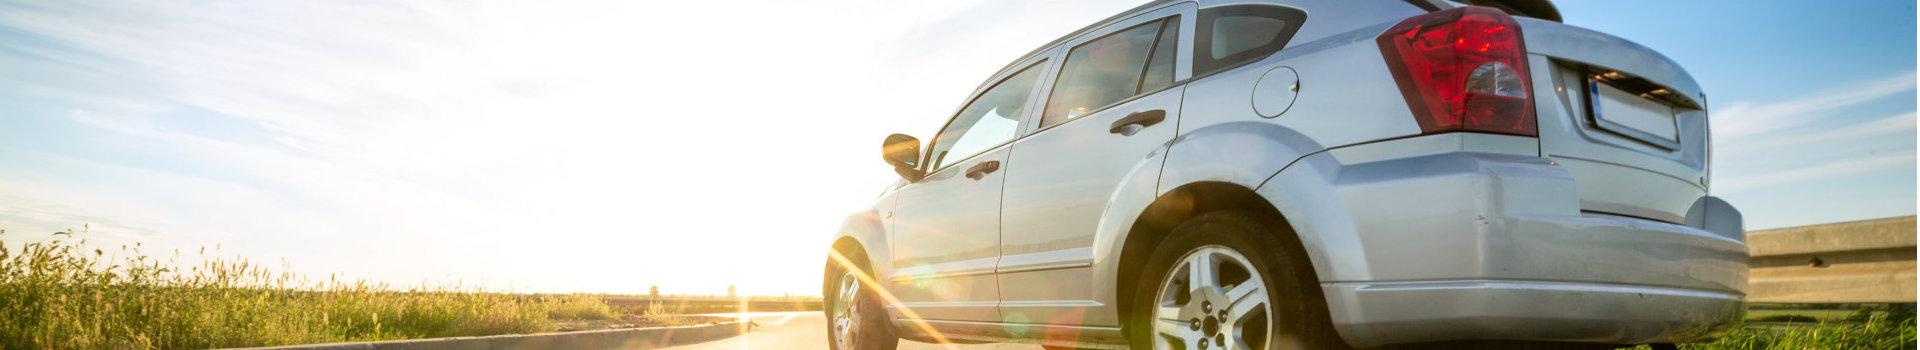 car facing the sun